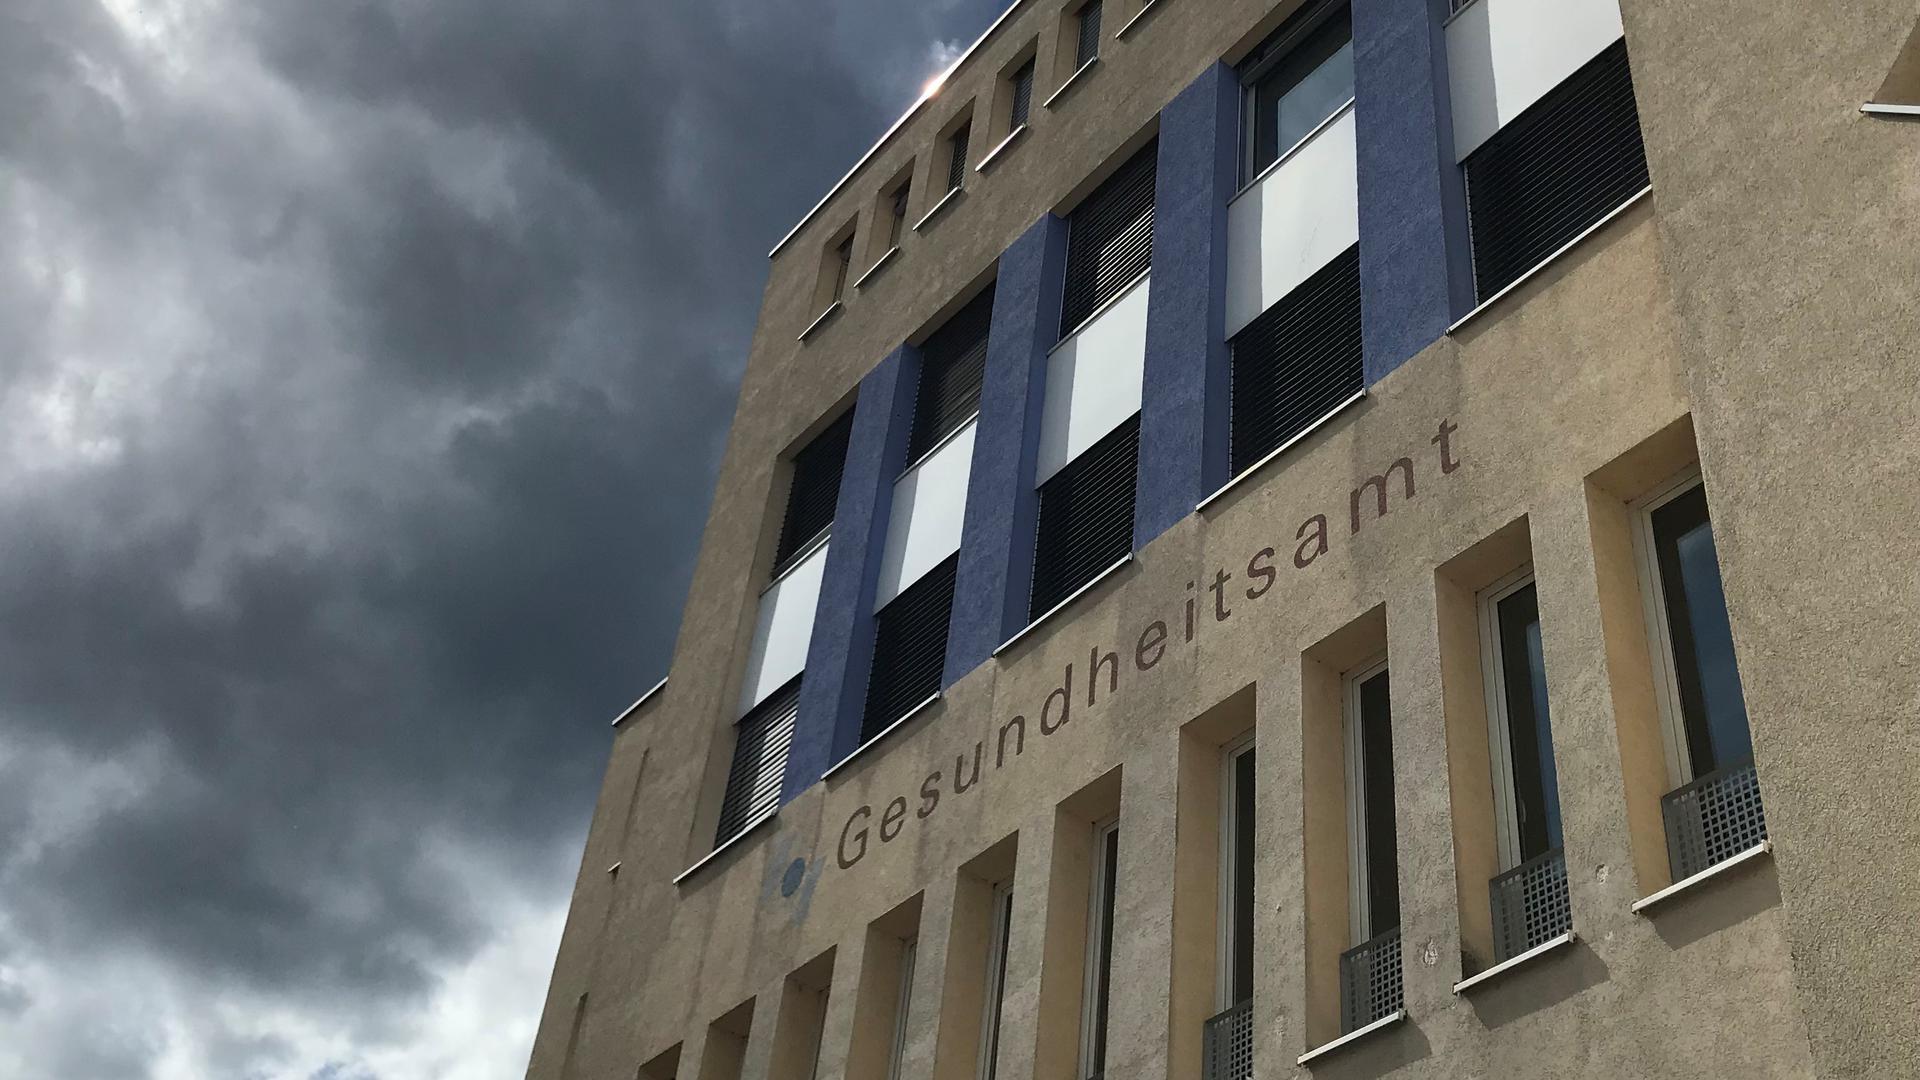 Die Rückfassade des Gesundheitsamts Pforzheim/Enzkreis.